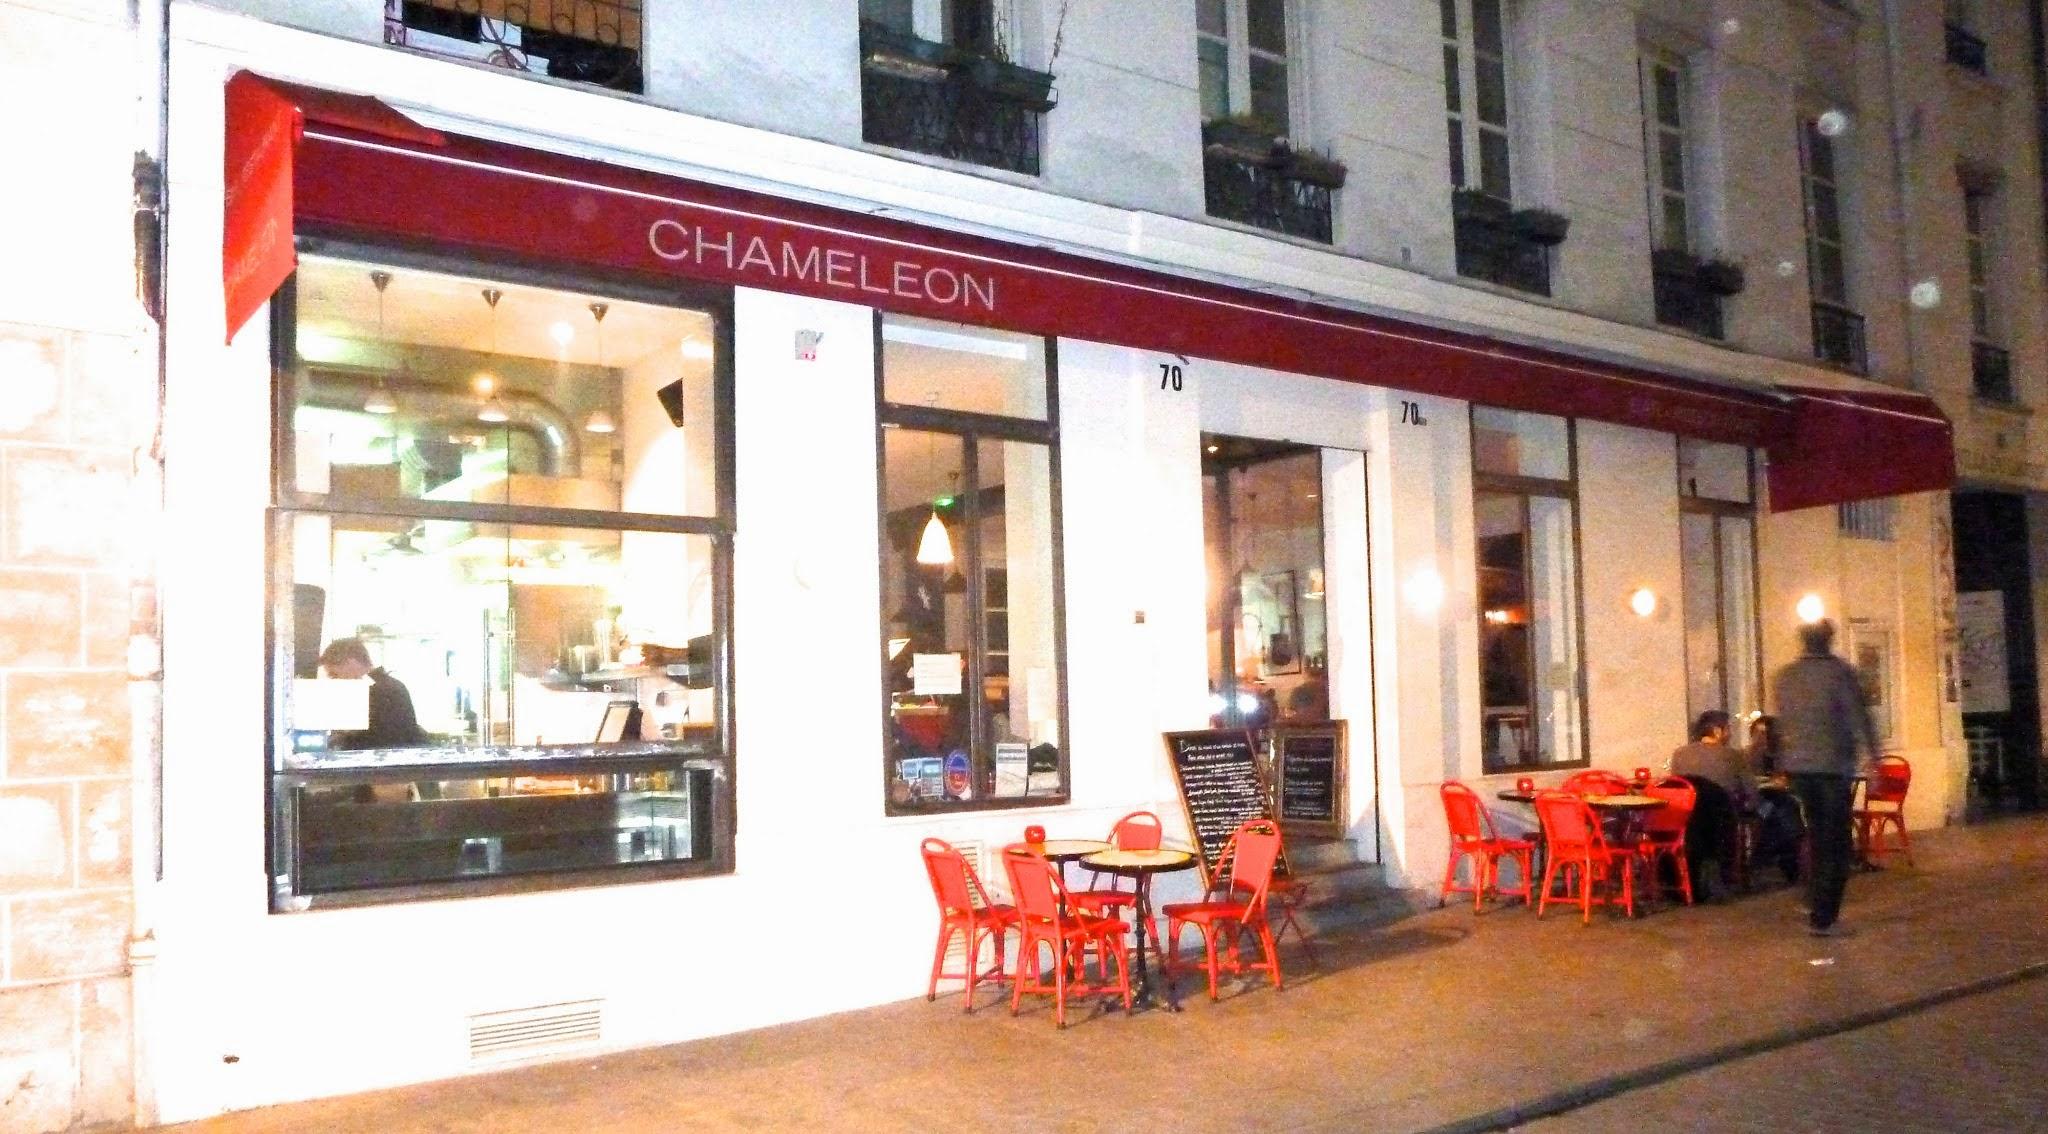 Chameleon restaurant review